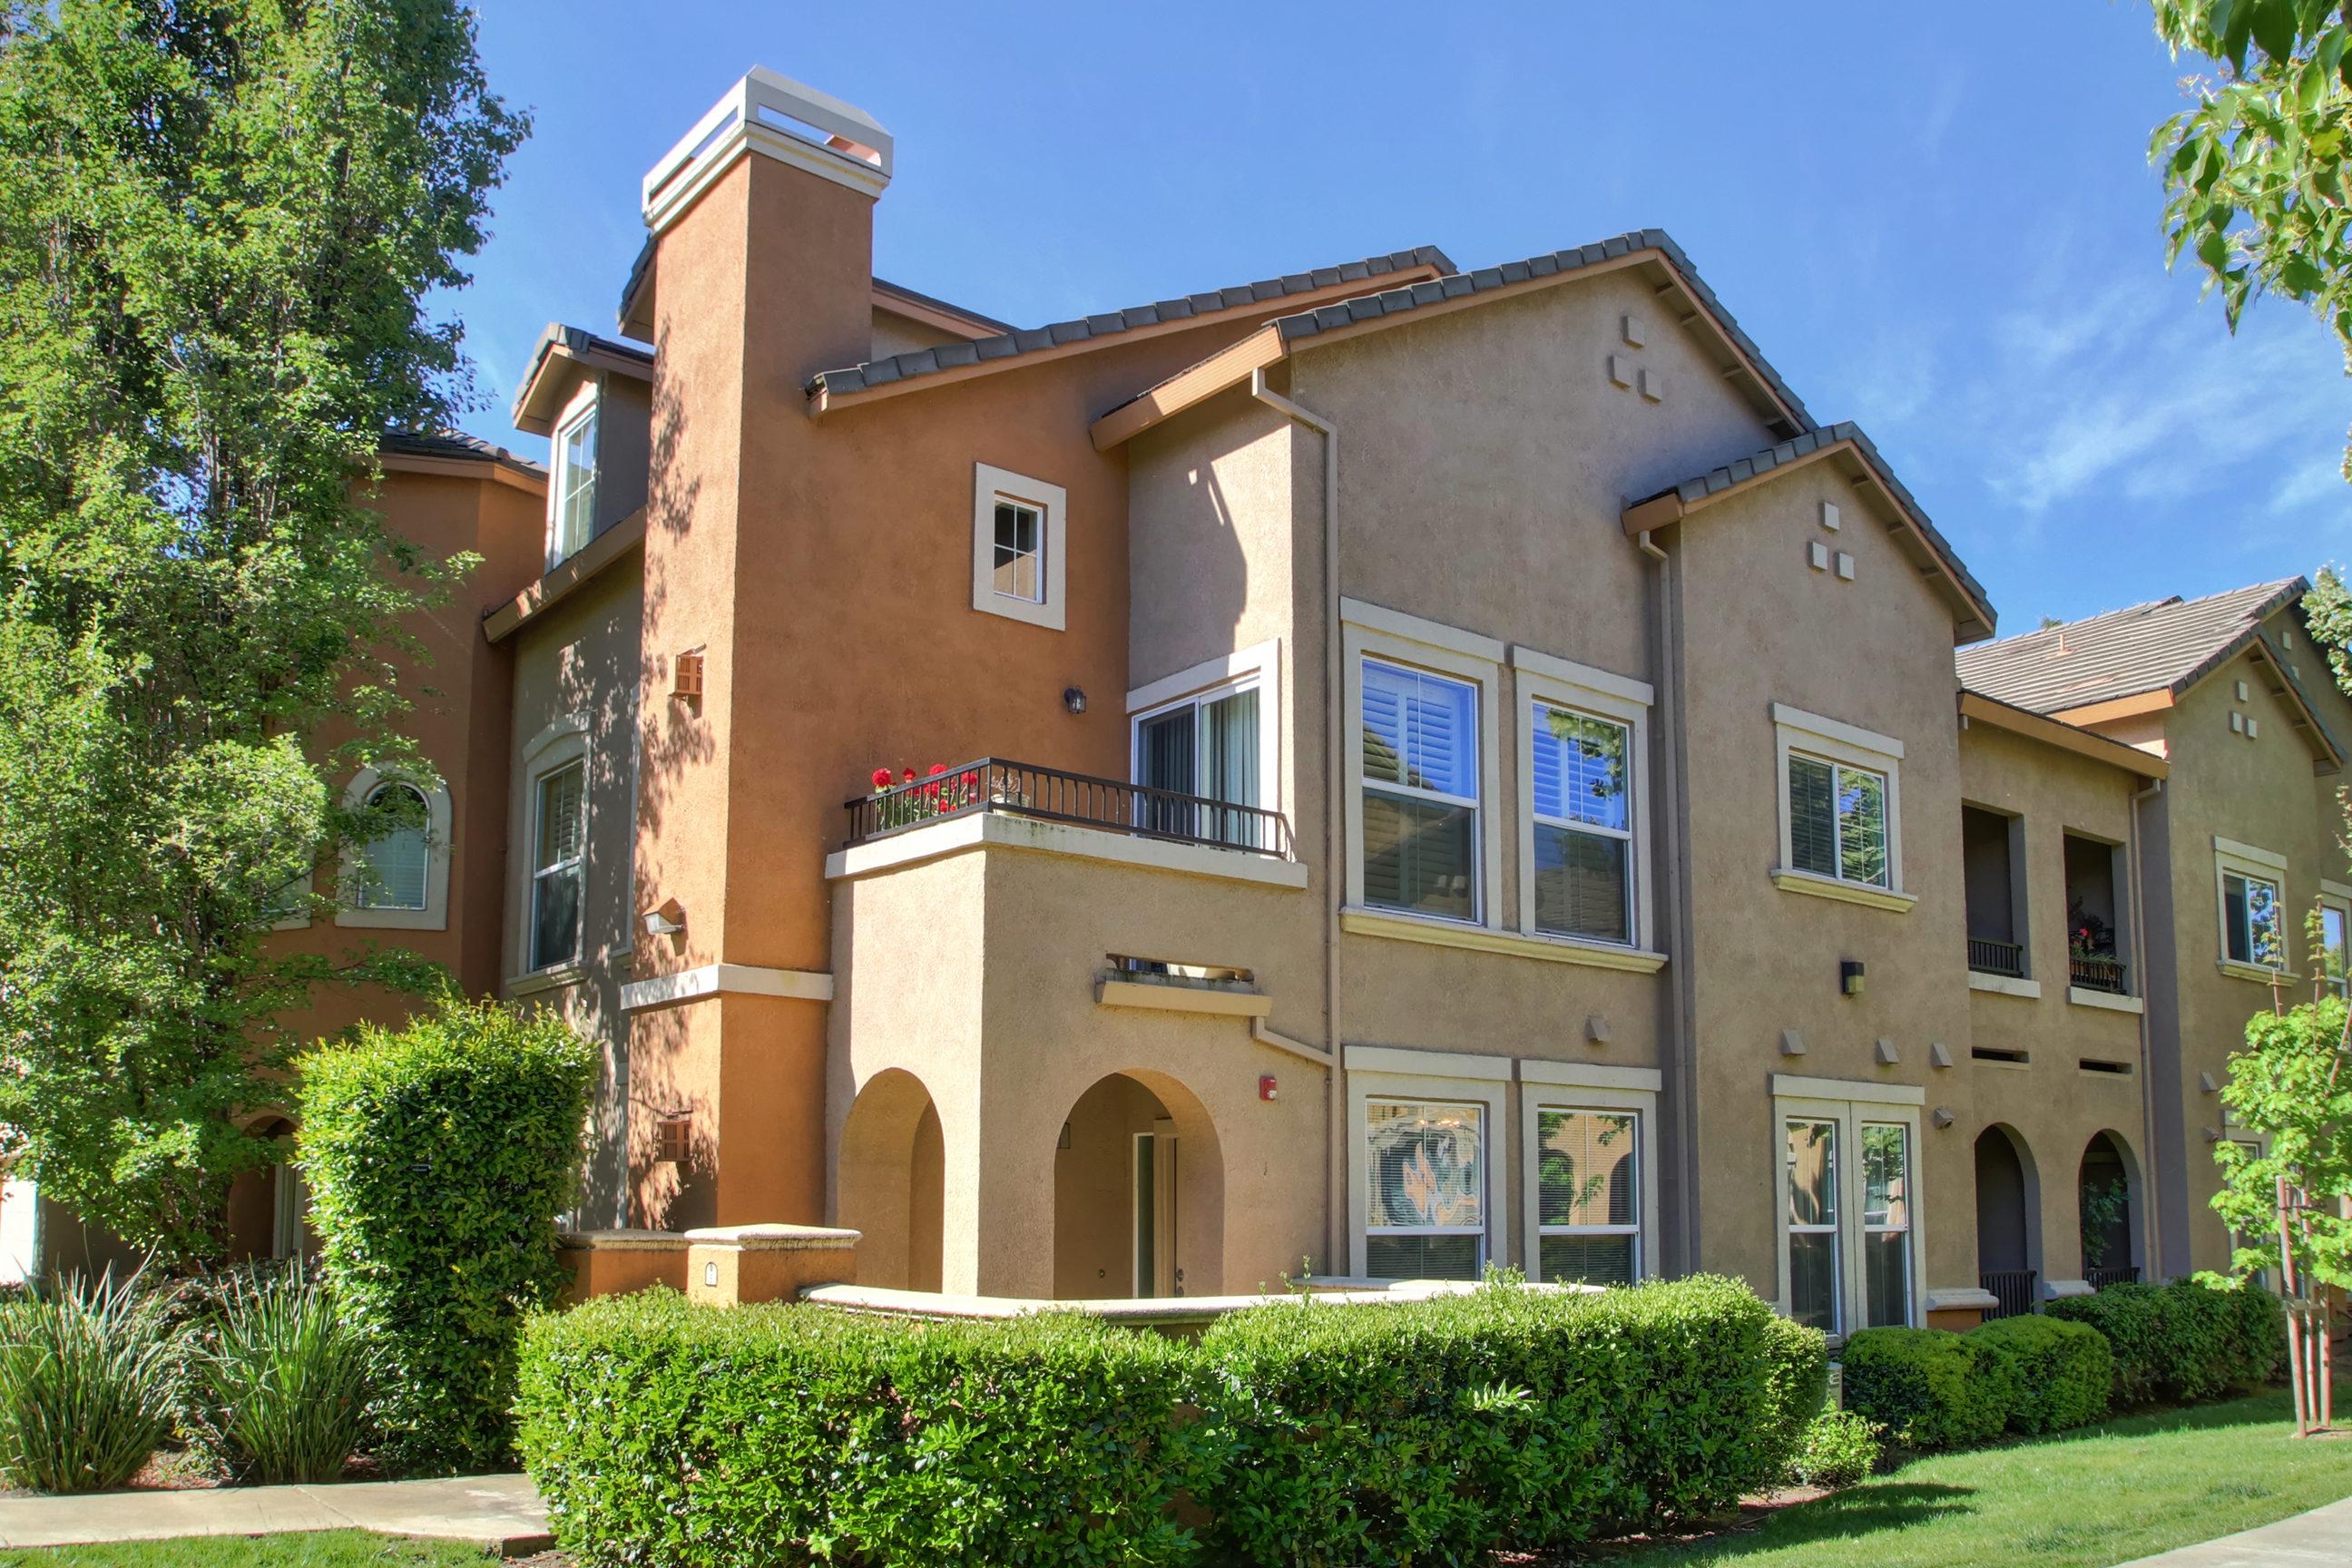 Luxury Condos in West Sacramento: New Listing from Elizabeth Weintraub